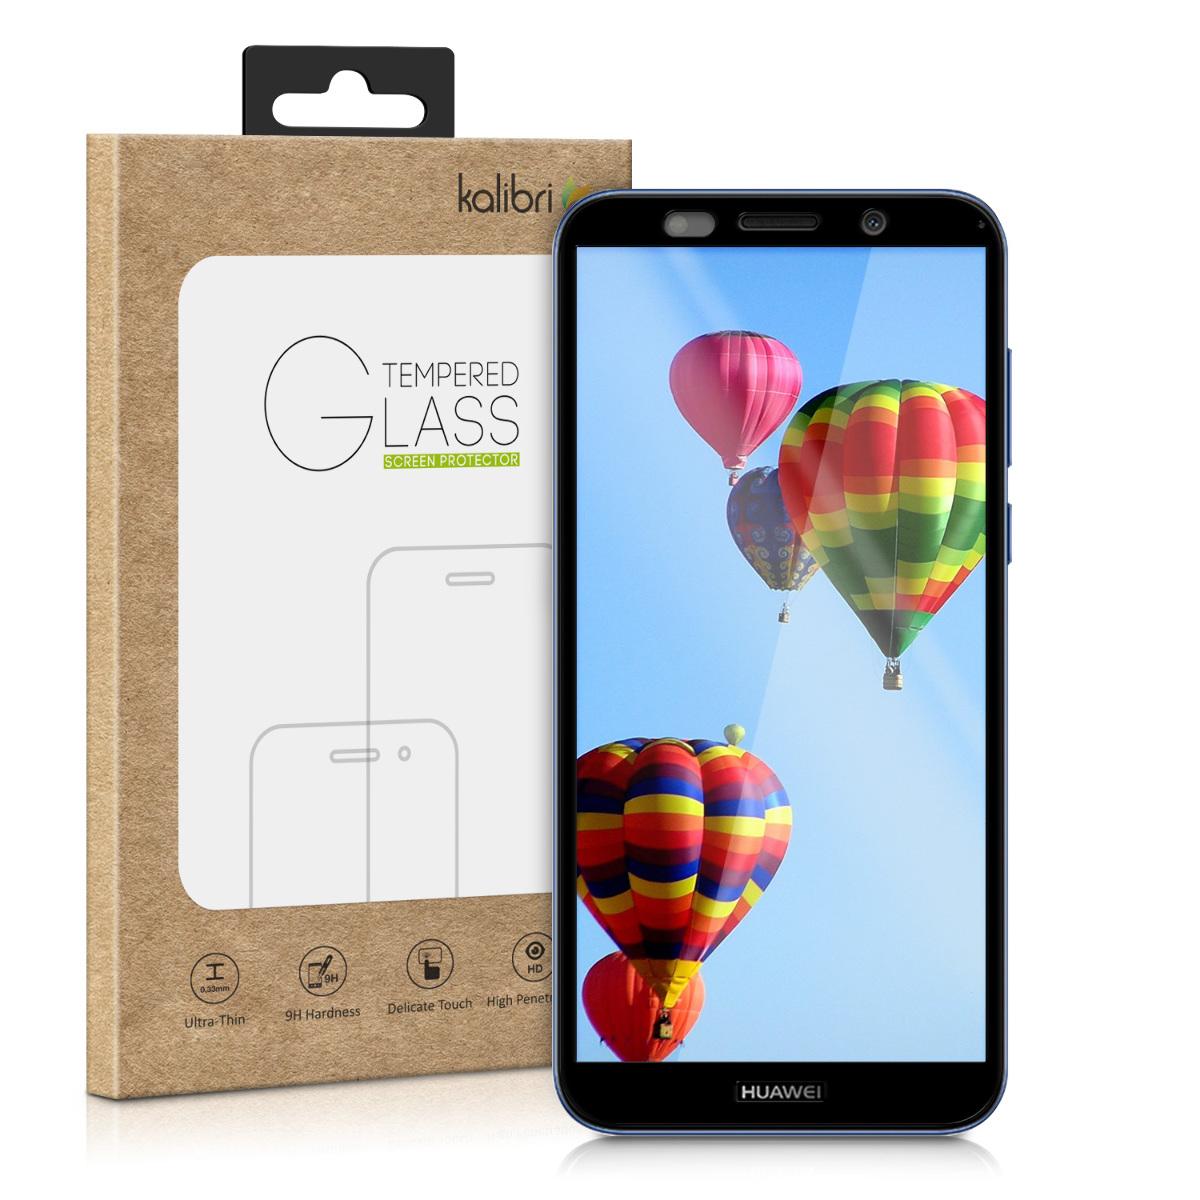 Kalibri Tempered Glass - Fullface Aντιχαρακτικό Γυαλί Οθόνης Huawei Y5 / Y5 Prime 2018 - Black (48802.01)